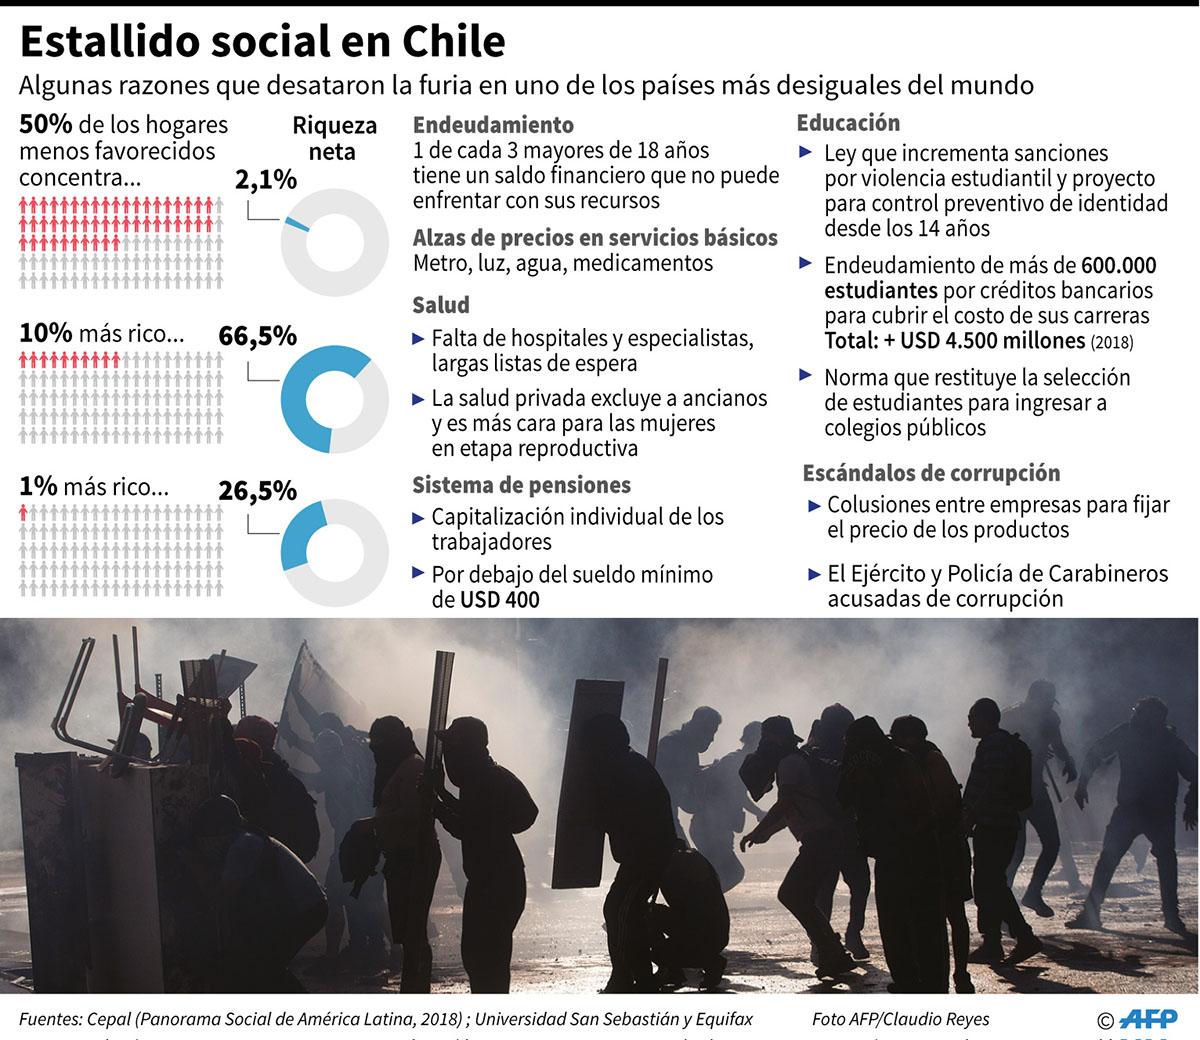 Gráfico con algunas razones que provocaron las protestas masivas desde hace seis días en Chile, en el peor estallido social en al menos tres décadas en el país. (Infografía: AFP)